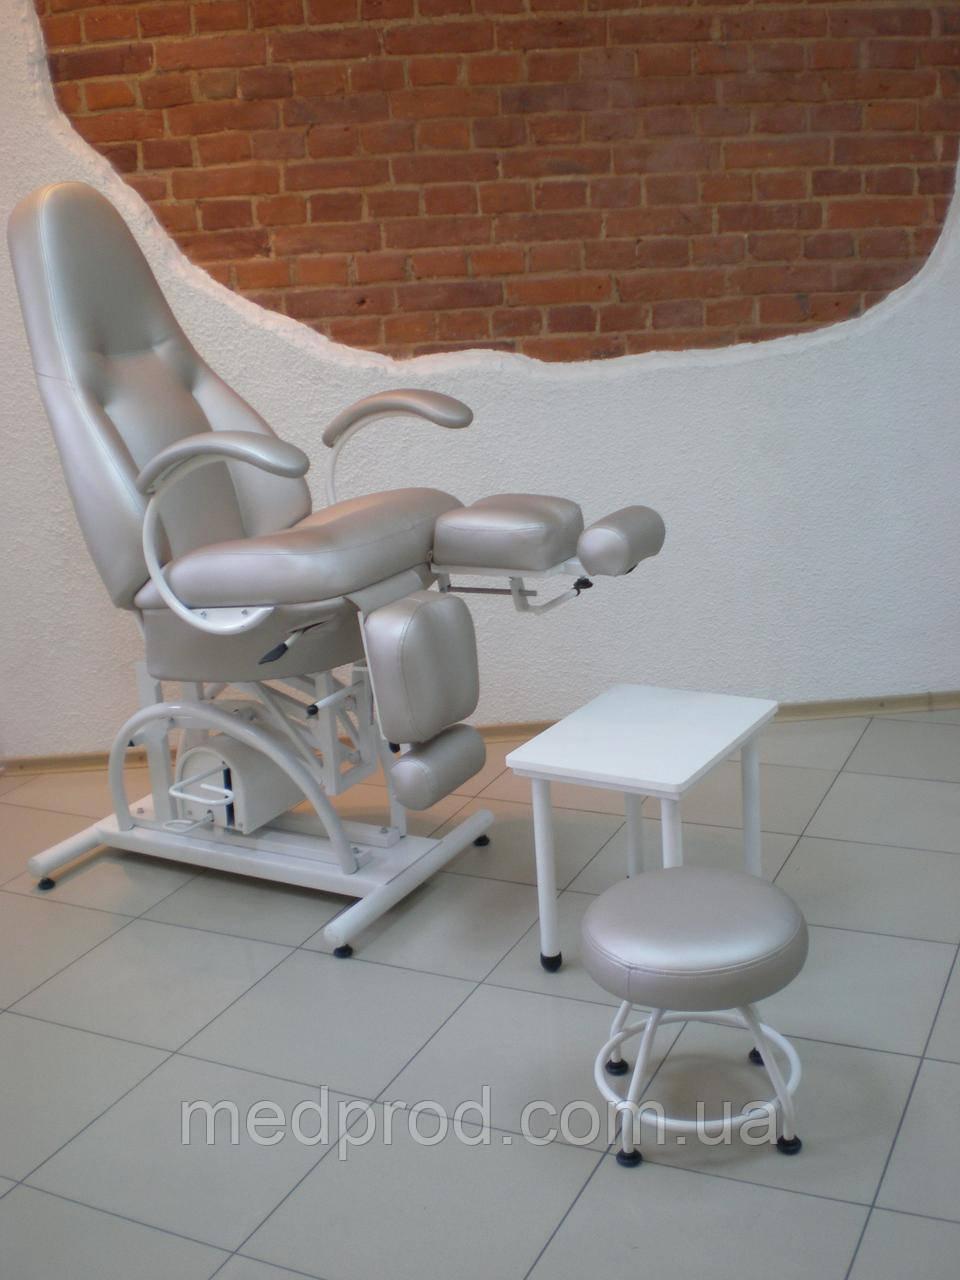 Кресло педикюрное КП-5РГ гидравлика с регулируемыми пуфиками для ног и подставкой для ванночки